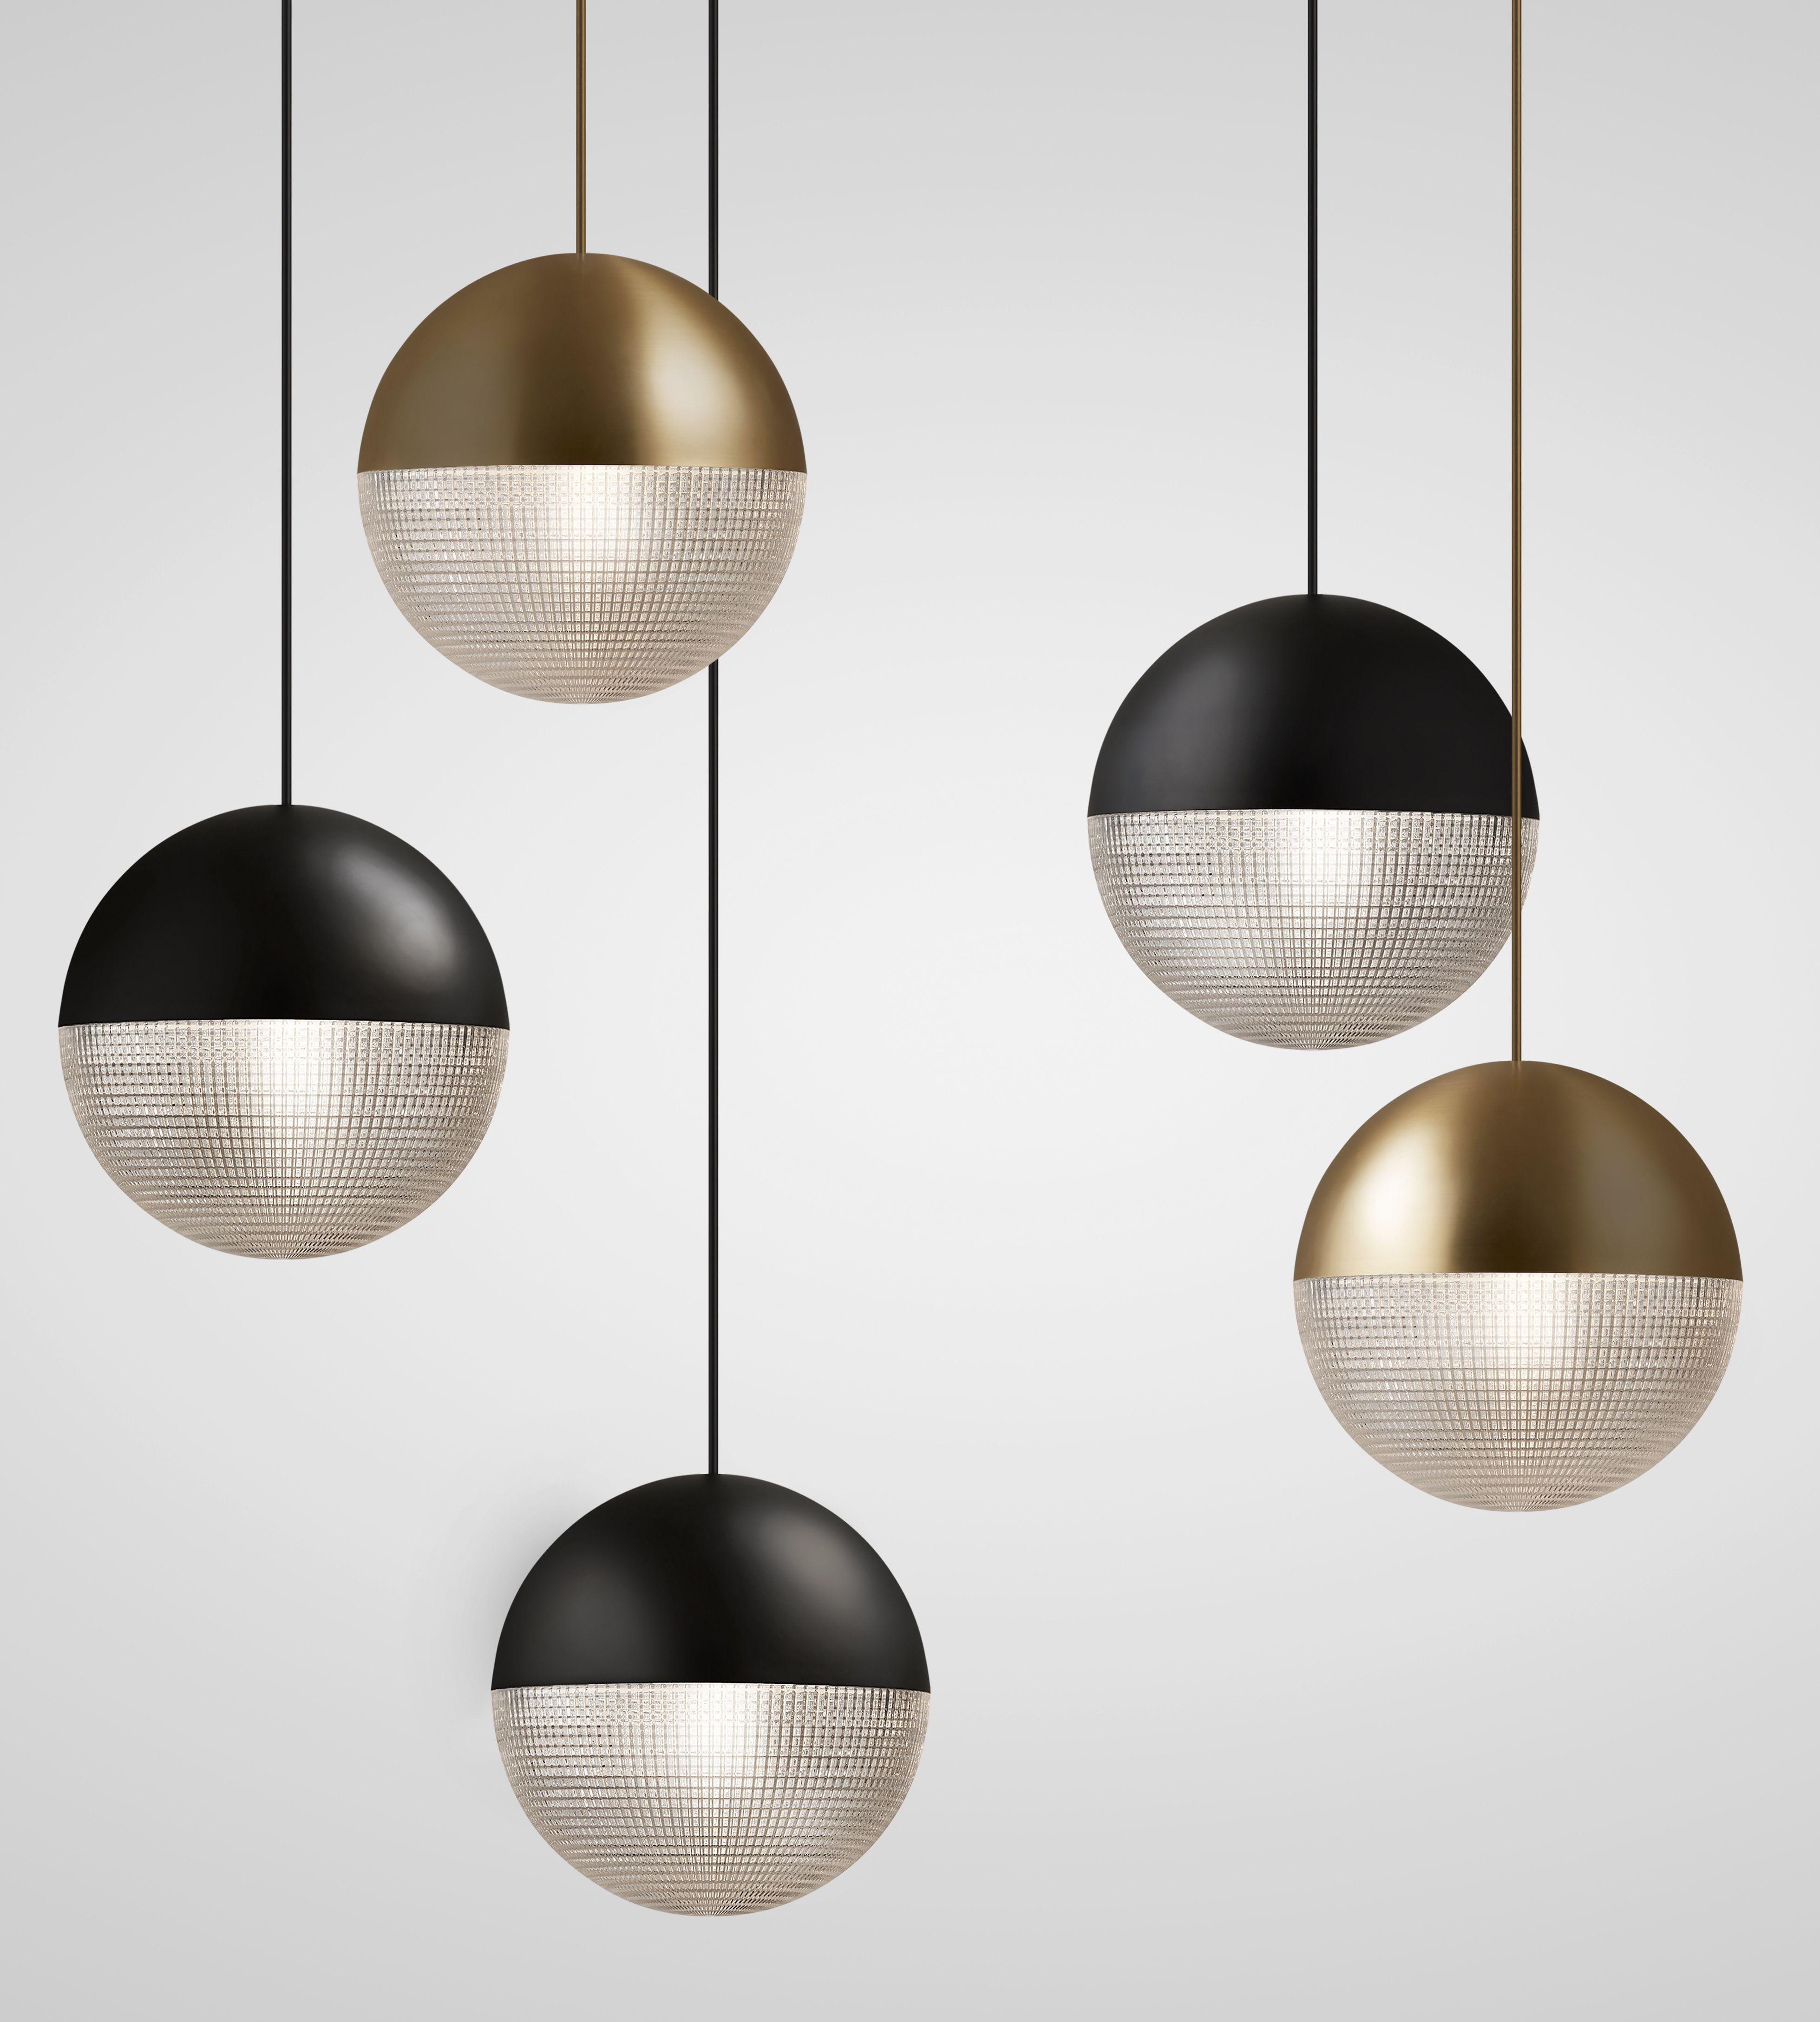 Glamouros Lens Flair Von Lee Broom Bild 12 Dekorative Lampen Hangeleuchte Glasleuchten